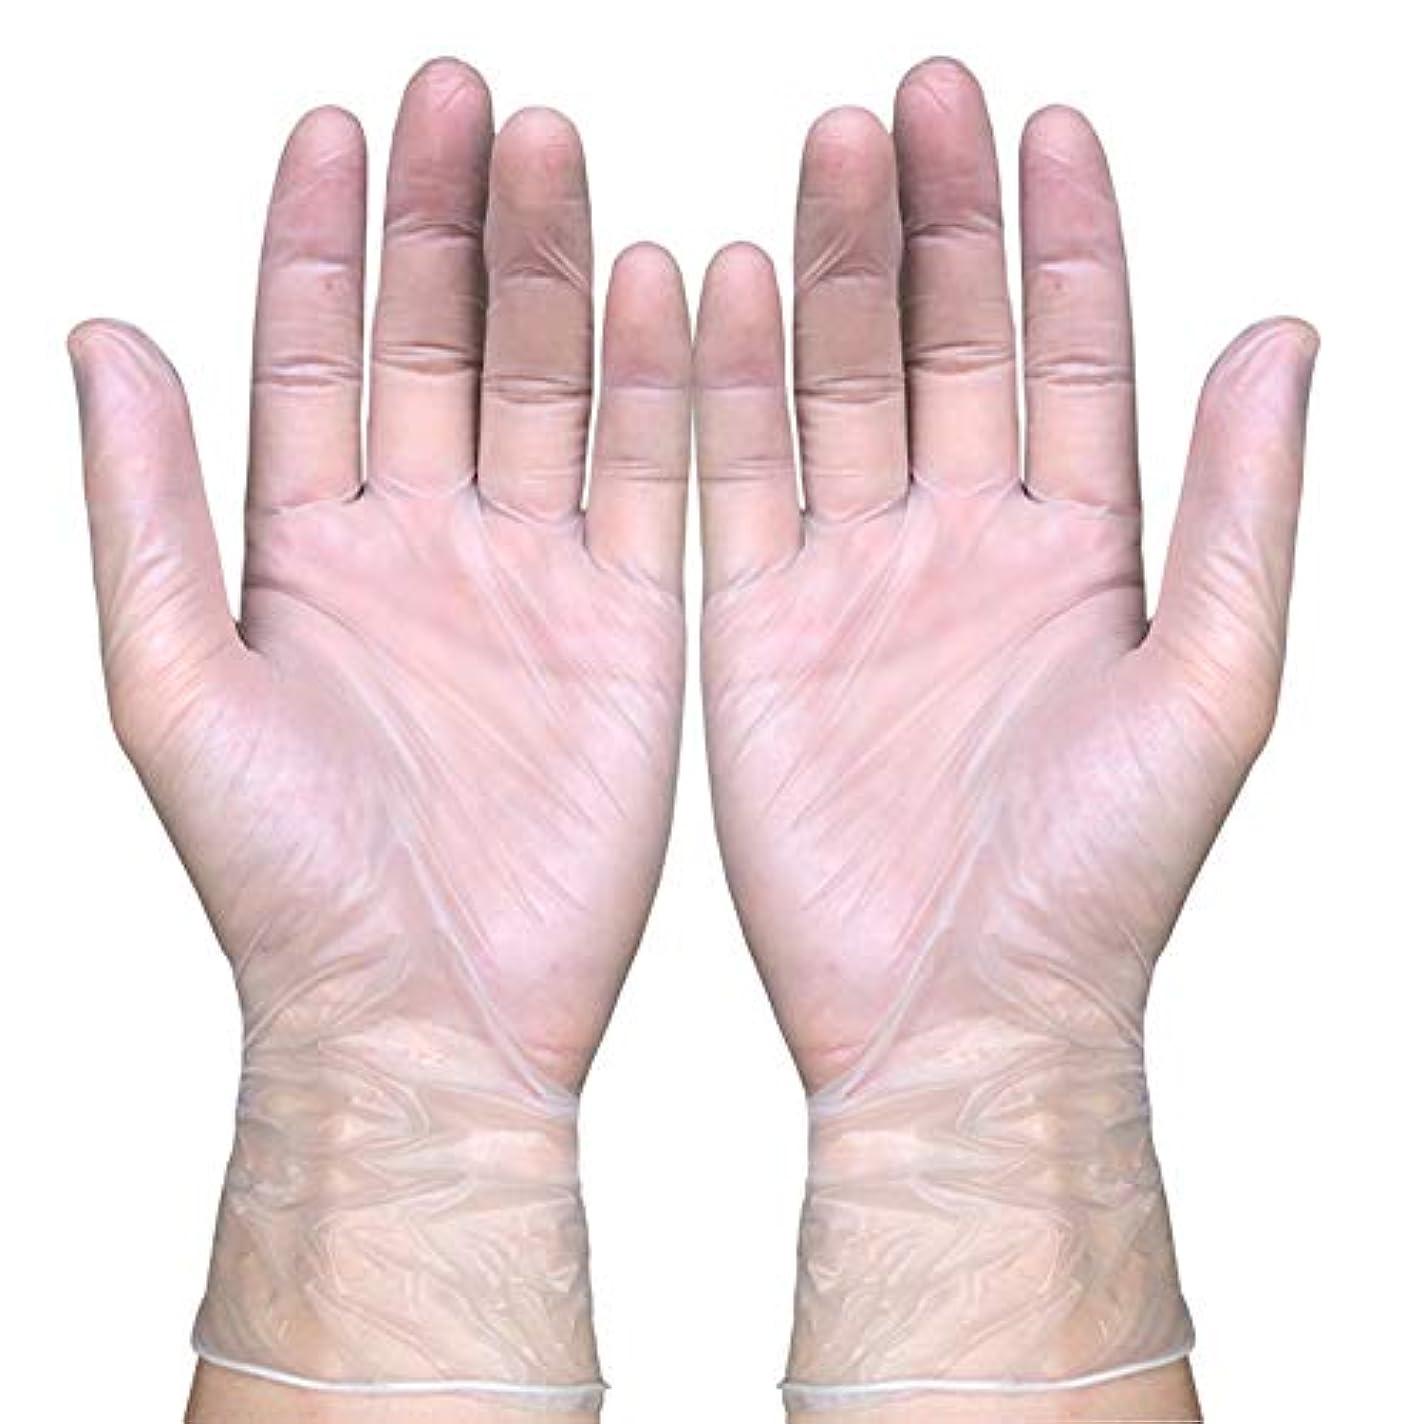 滅多ブラインドタッチ使い捨て医療ビニール検査用手袋、液体、血液、検査、ヘルスケア、食品の取り扱い粉なし、100カウント,S